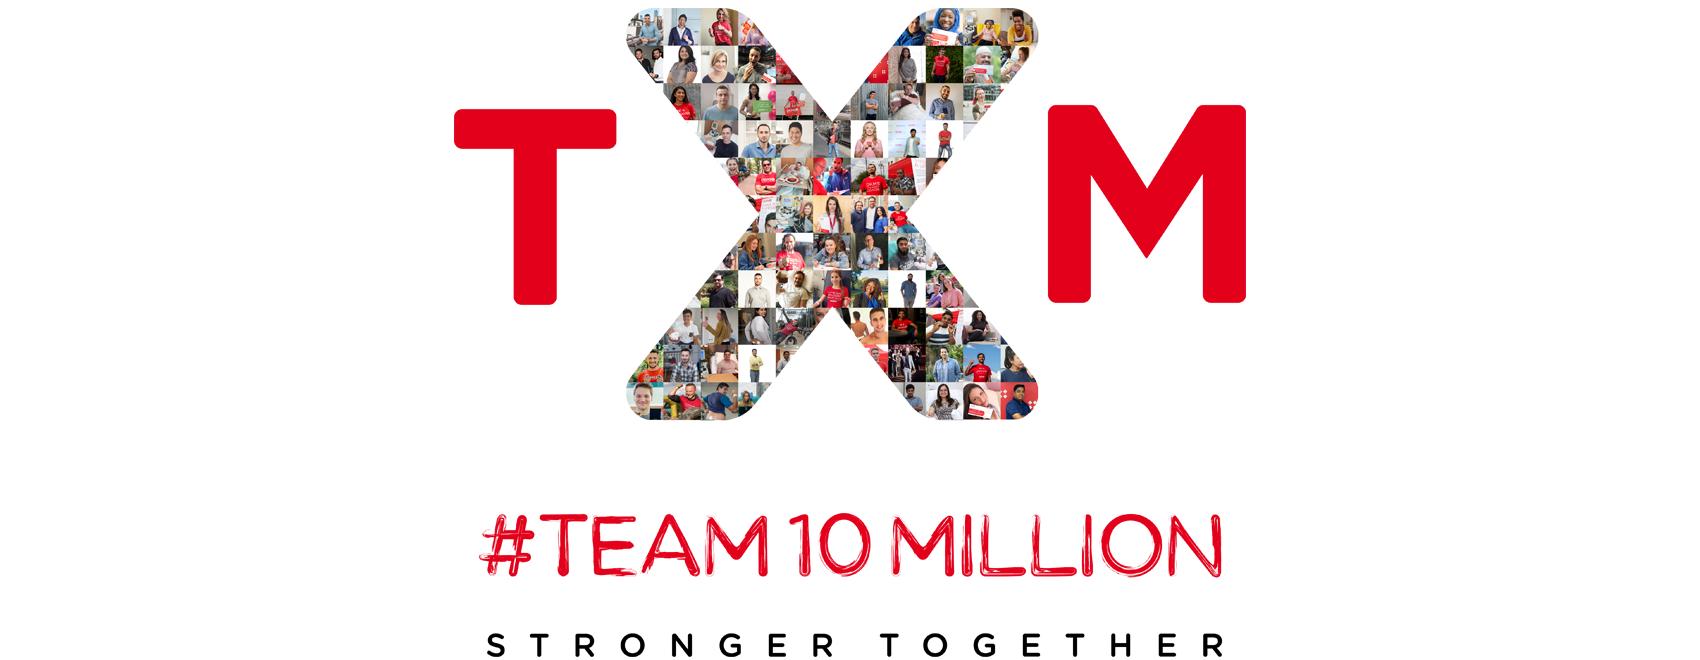 Team 10 Million